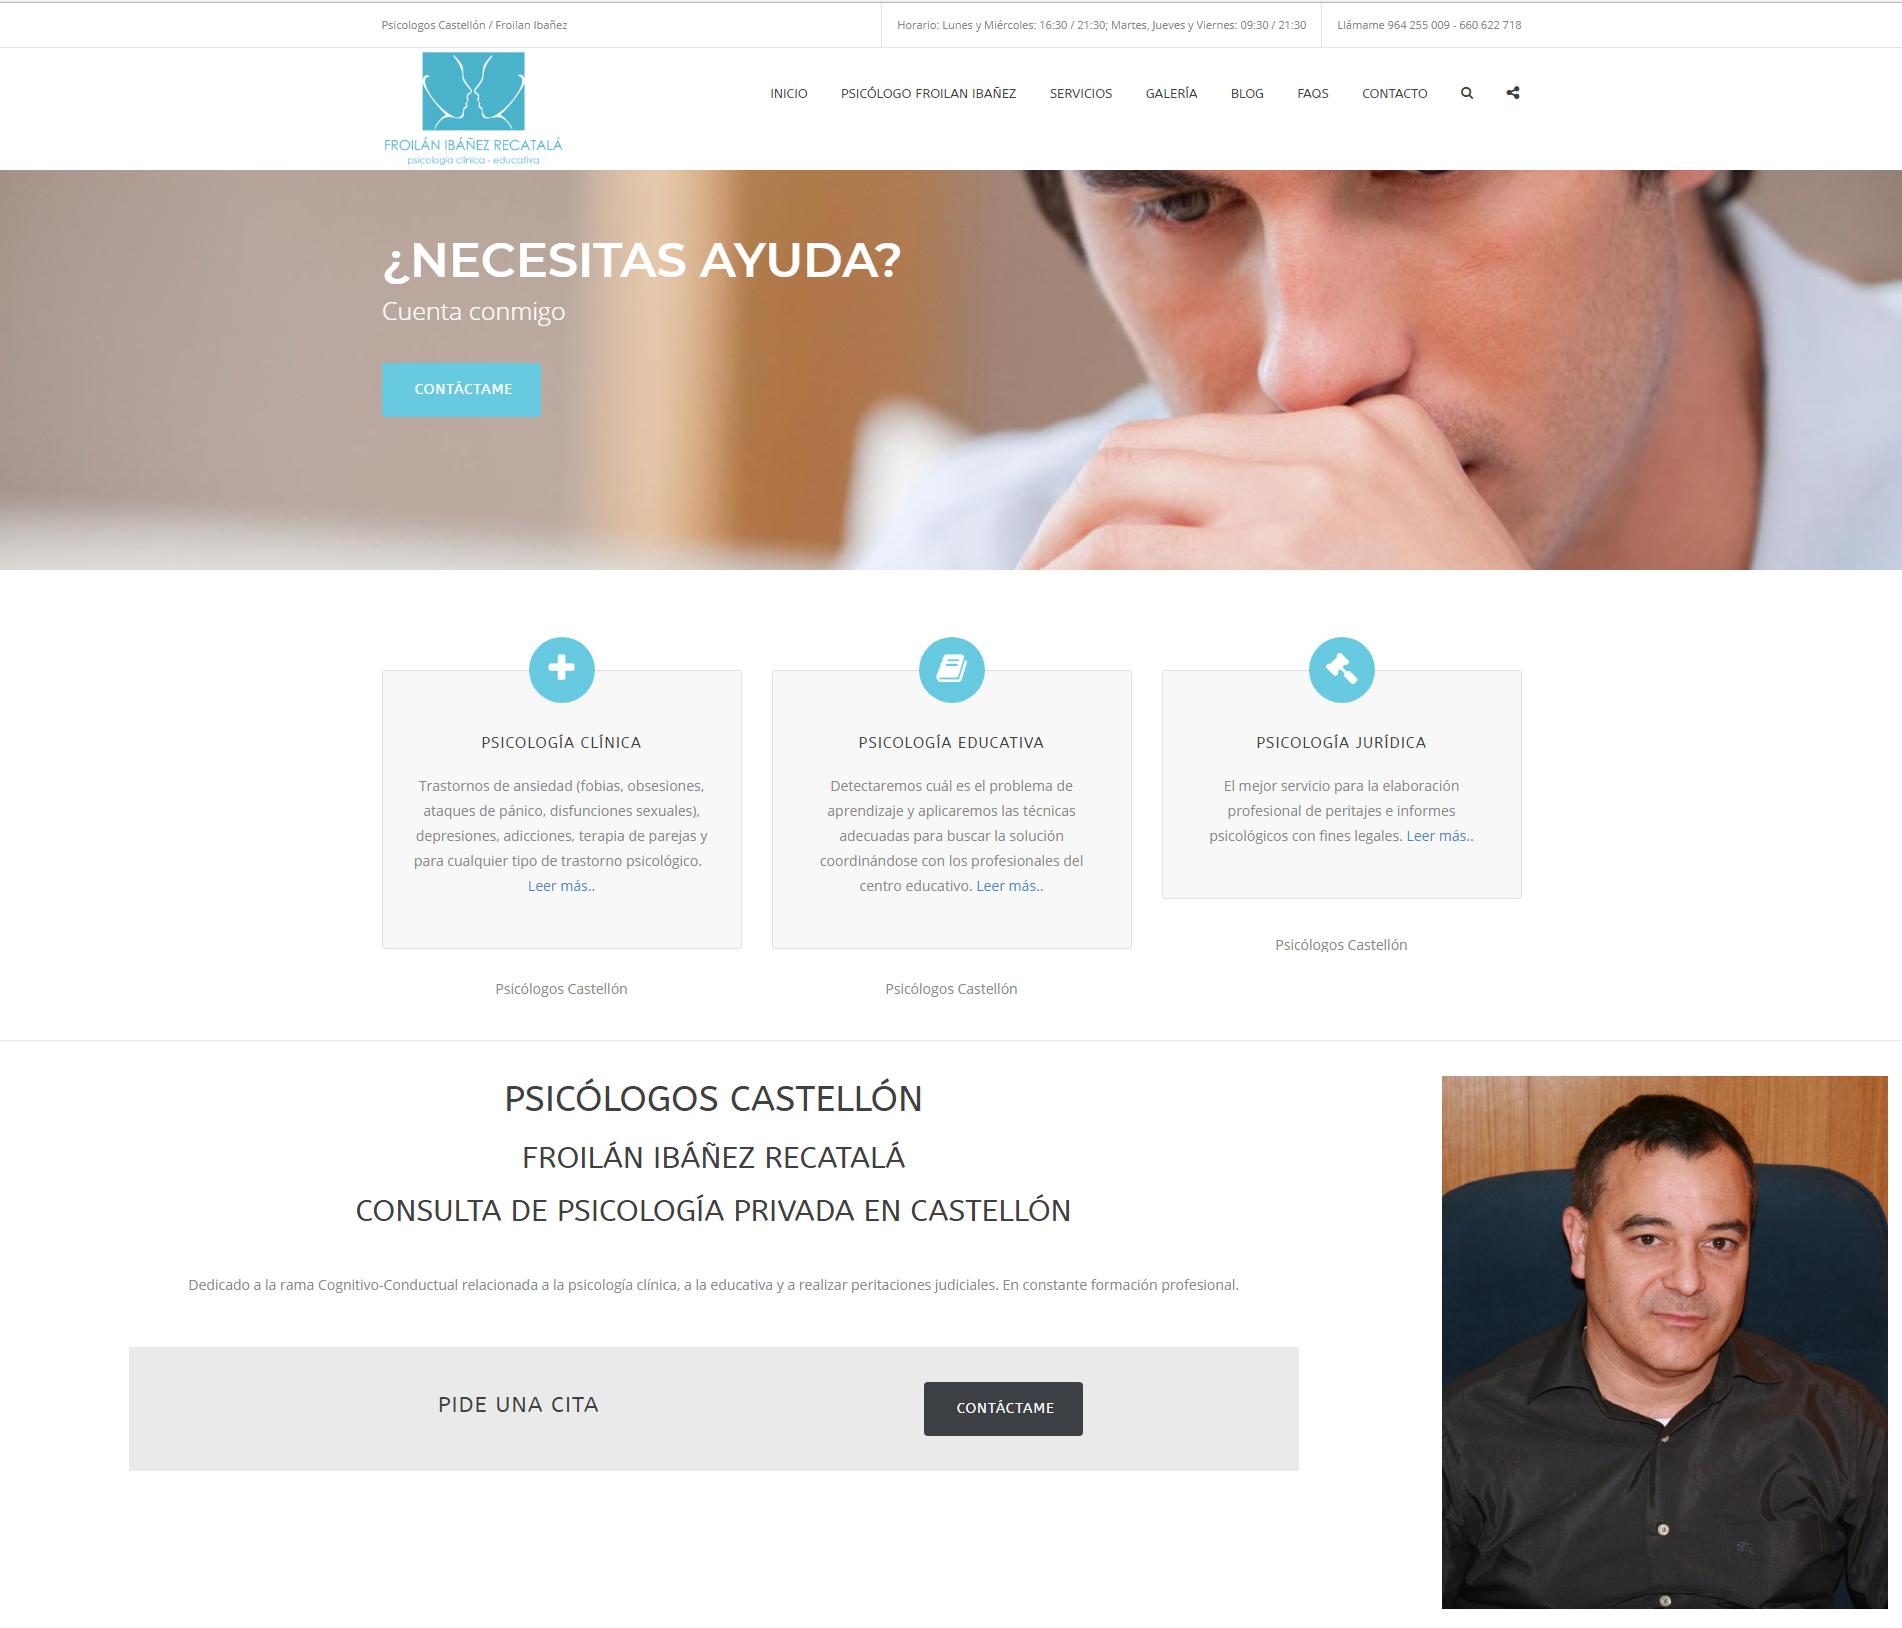 Psicólogo Froilán Ibáñez Recatalá en Castellón :: Nueva web de Psicólogos en Castellón  www.psicologoscastellonfroilan.com